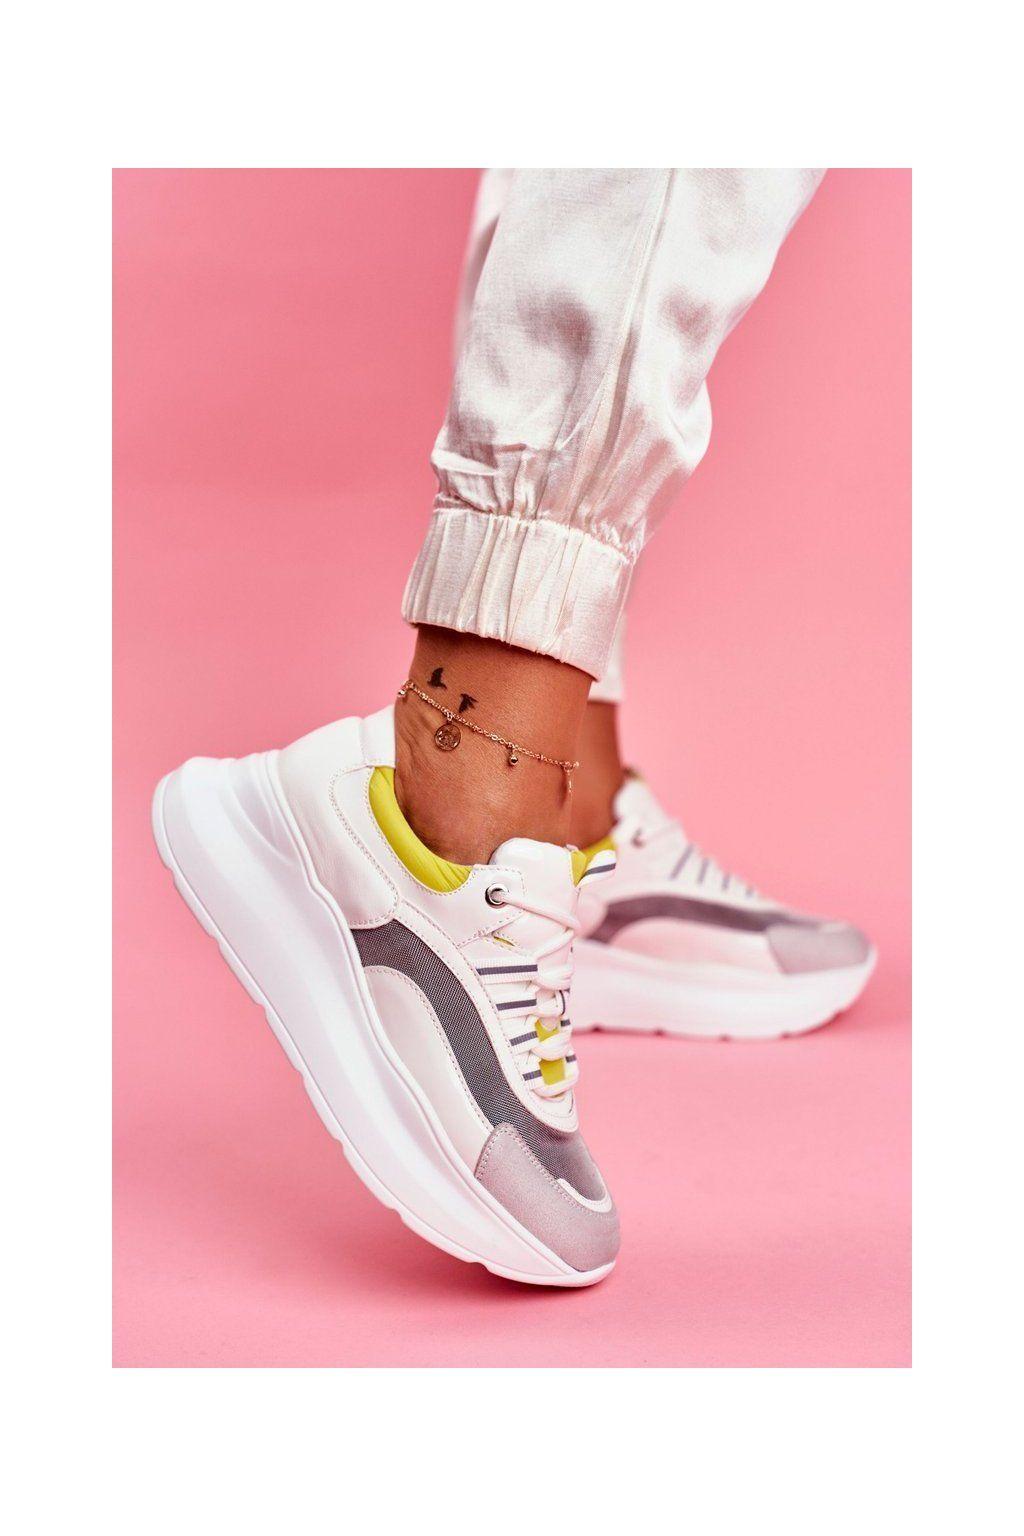 Damske Tenisky Farba Zlta Kod Obuvi Kp2350 An Anis Naj Sk Sneakers Nike Nike Air Max Air Max Sneakers